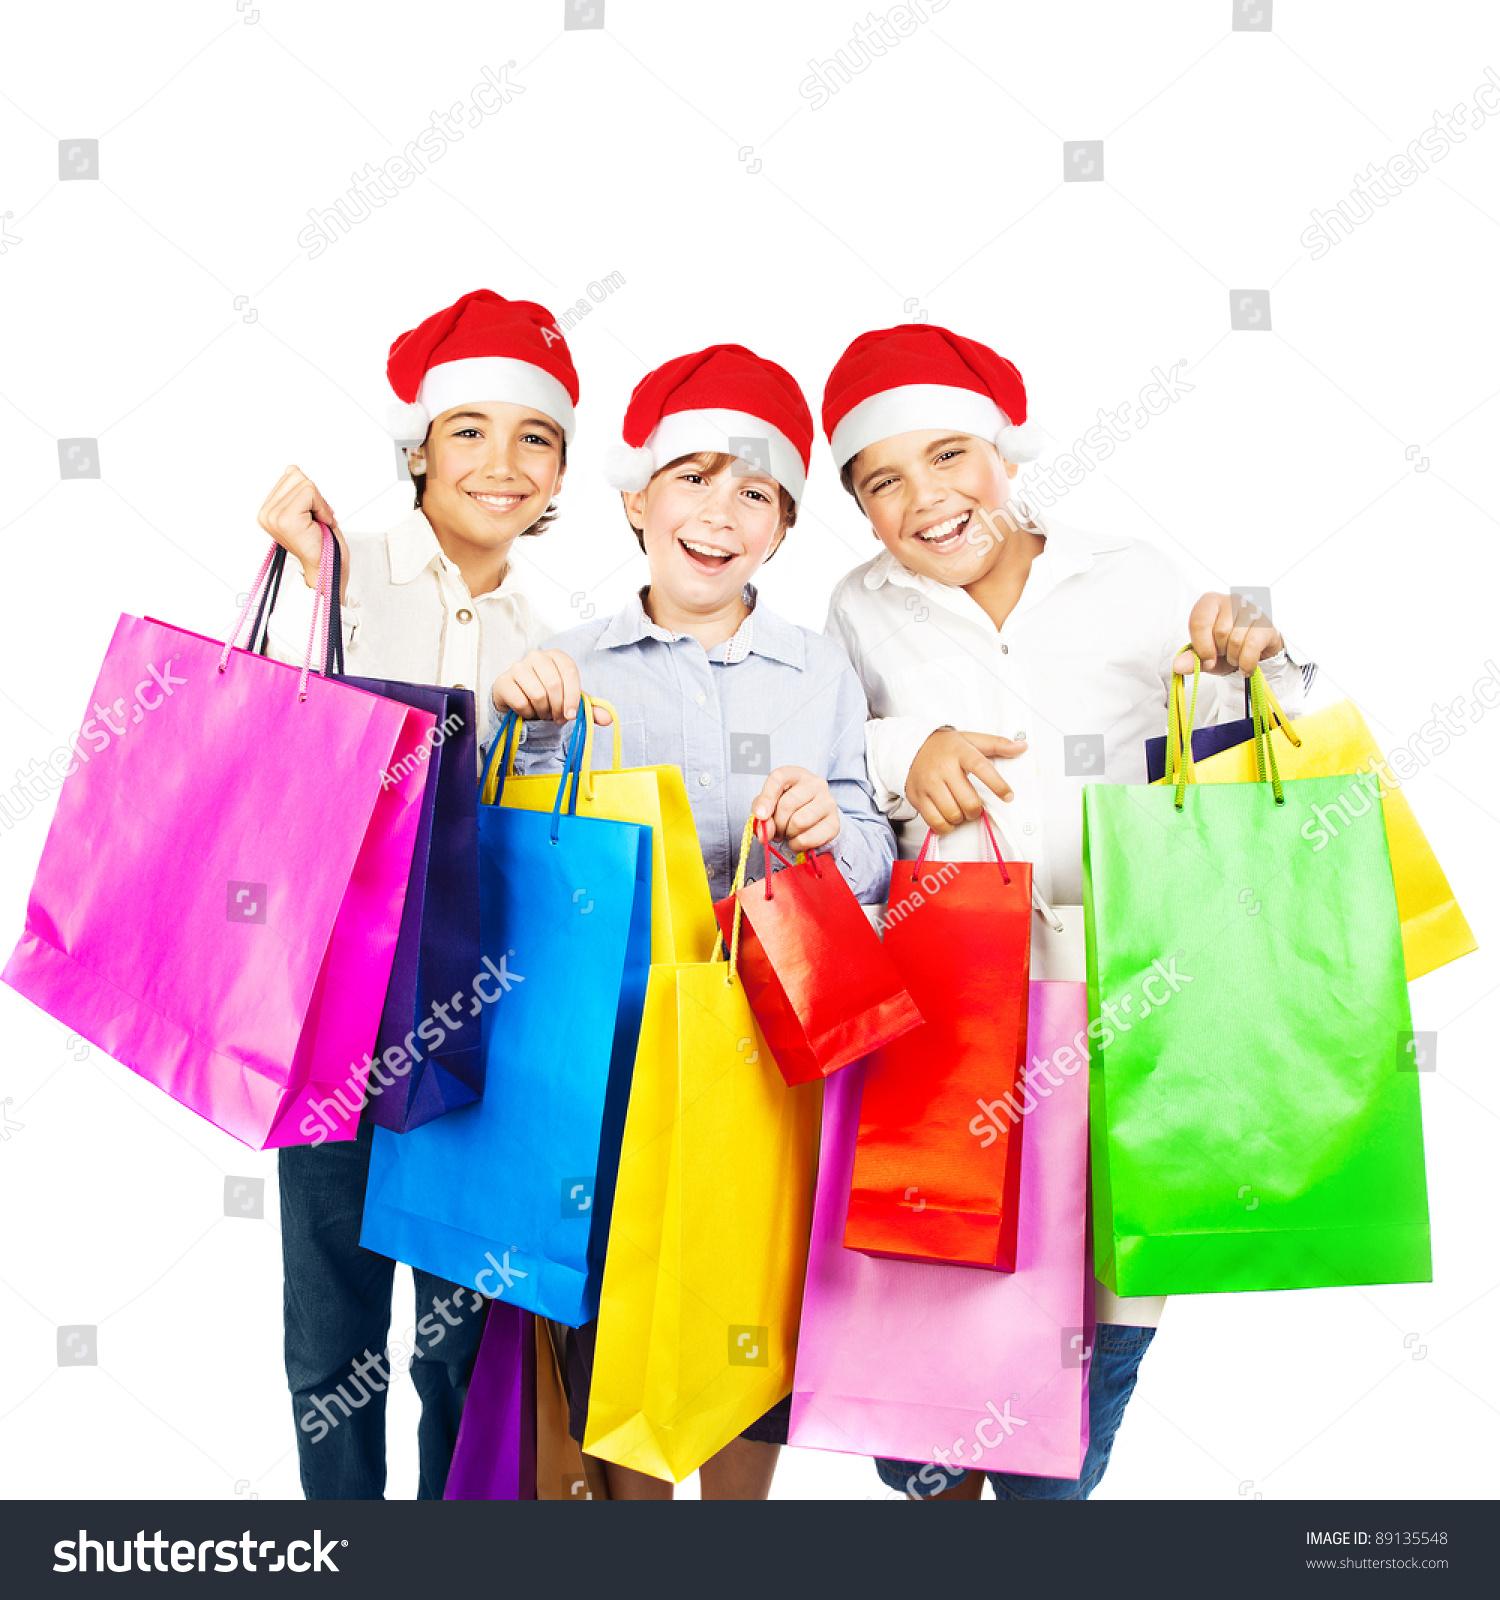 男孩快乐的圣诞礼物,孩子们携带着丰富多彩的购物袋